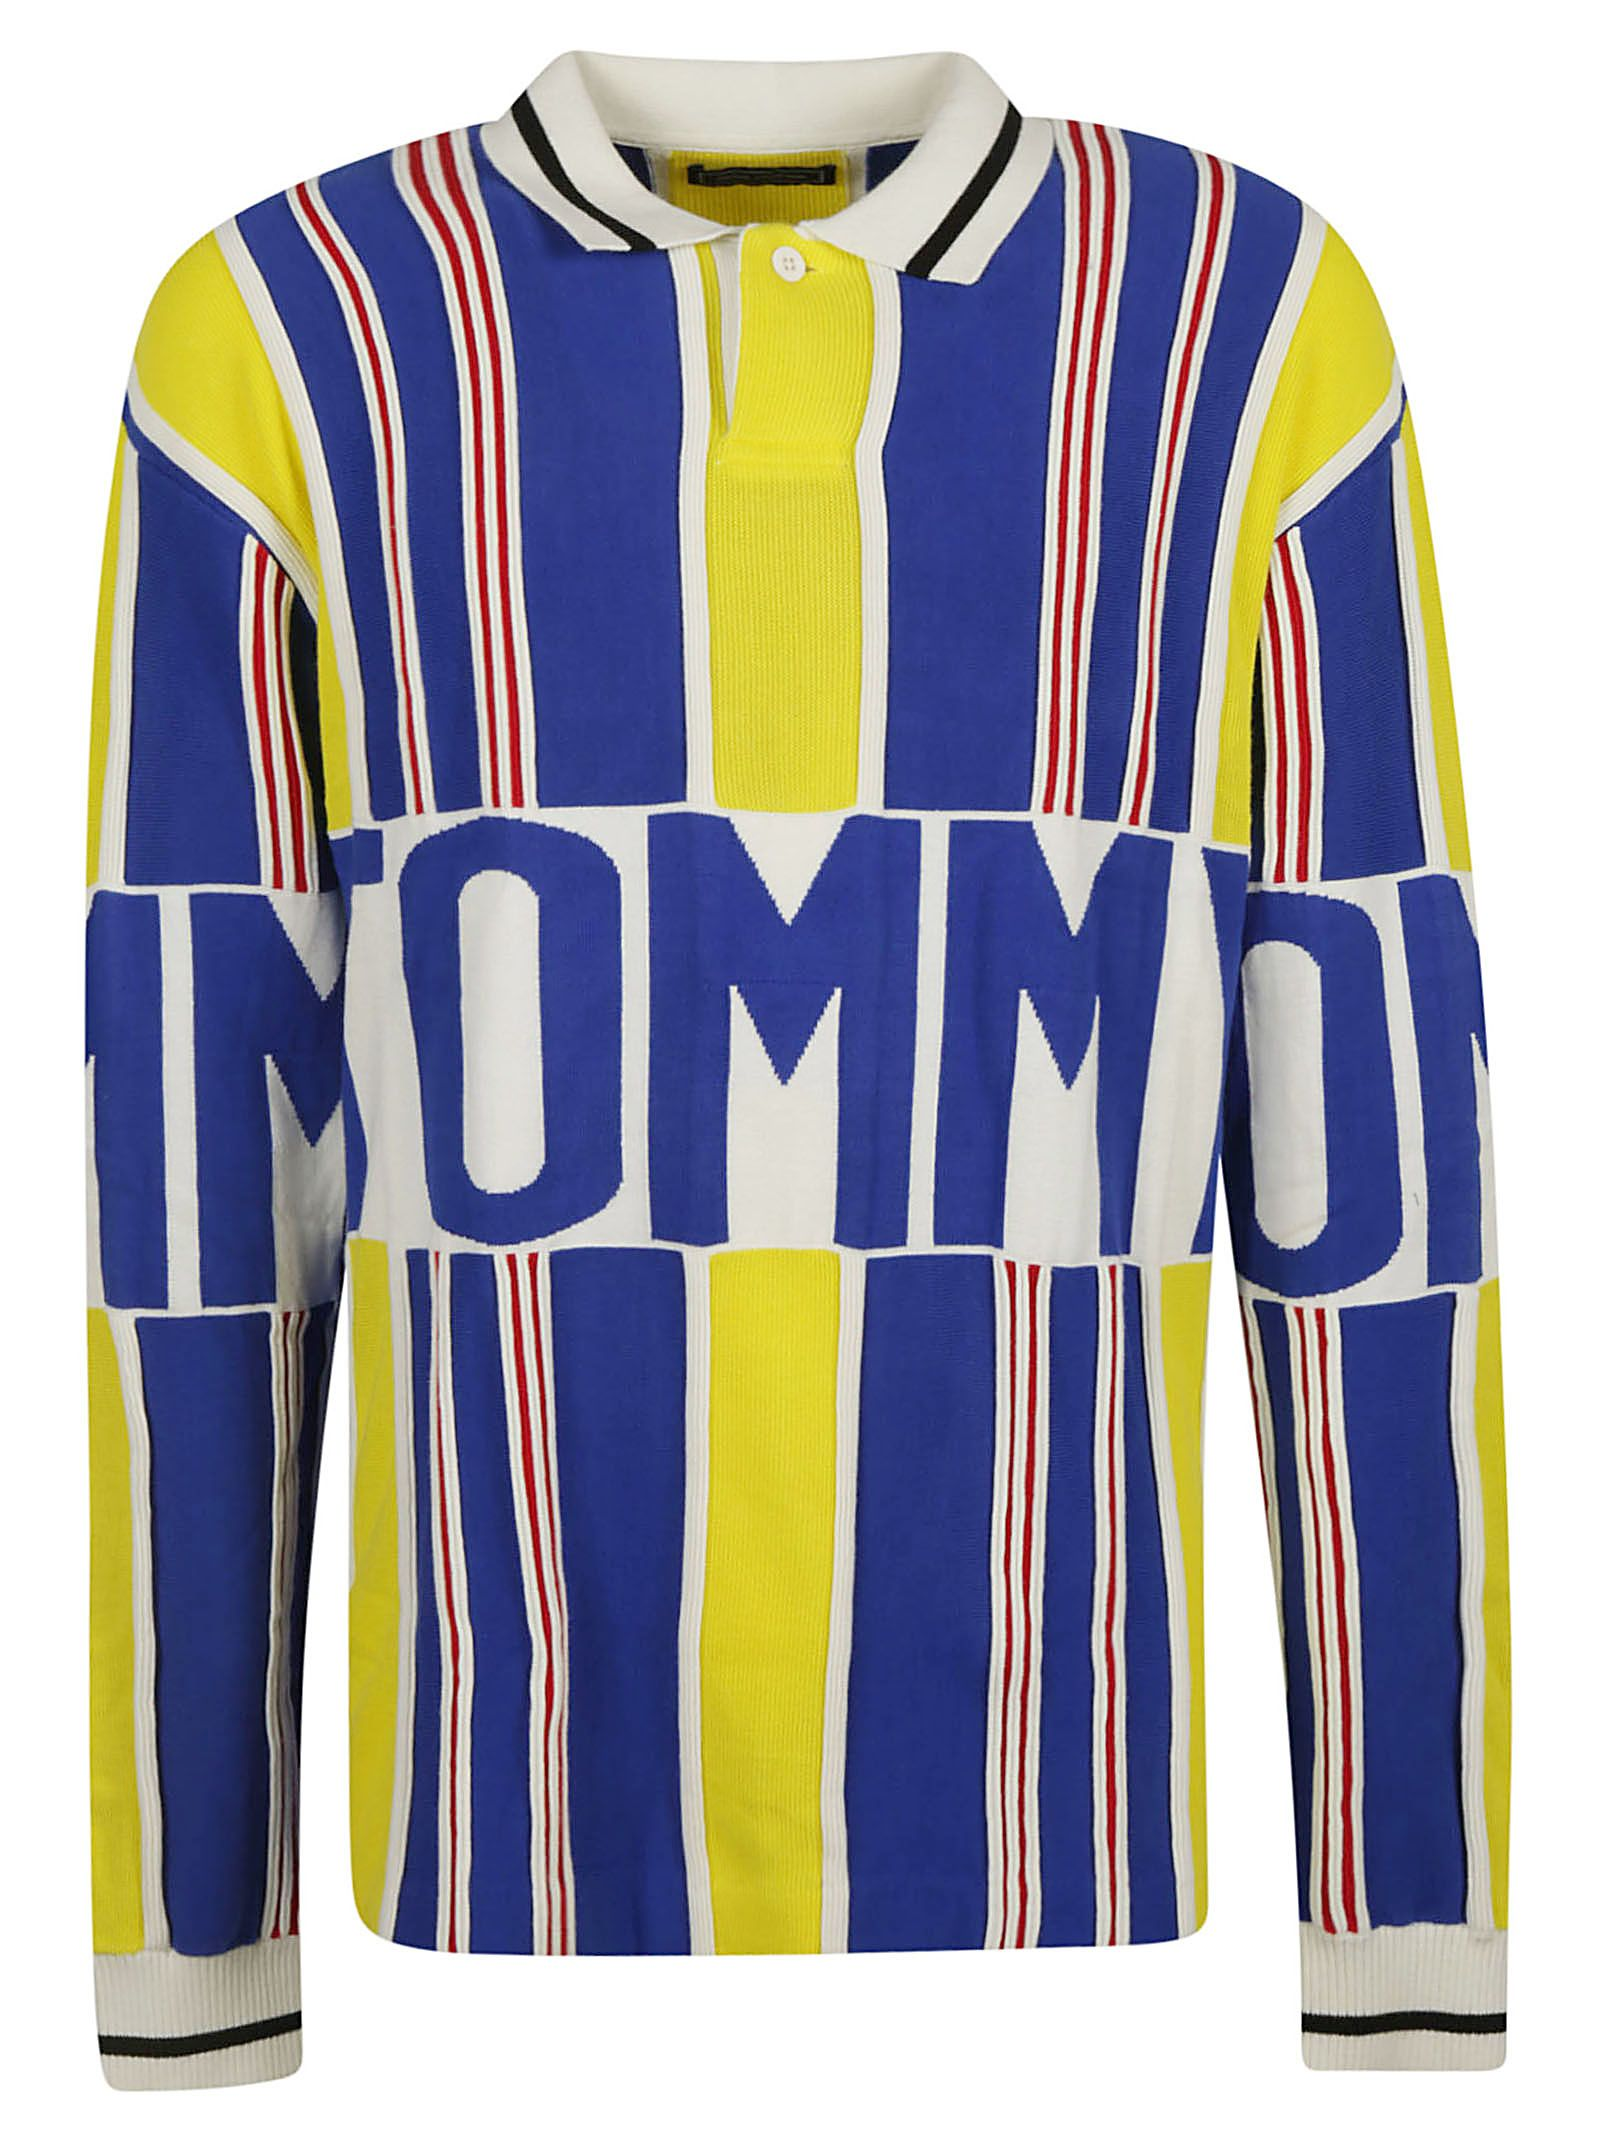 769a376af Tommy Hilfiger Tommy Hilfiger Stripe Logo Polo Jumper - Multicolor ...